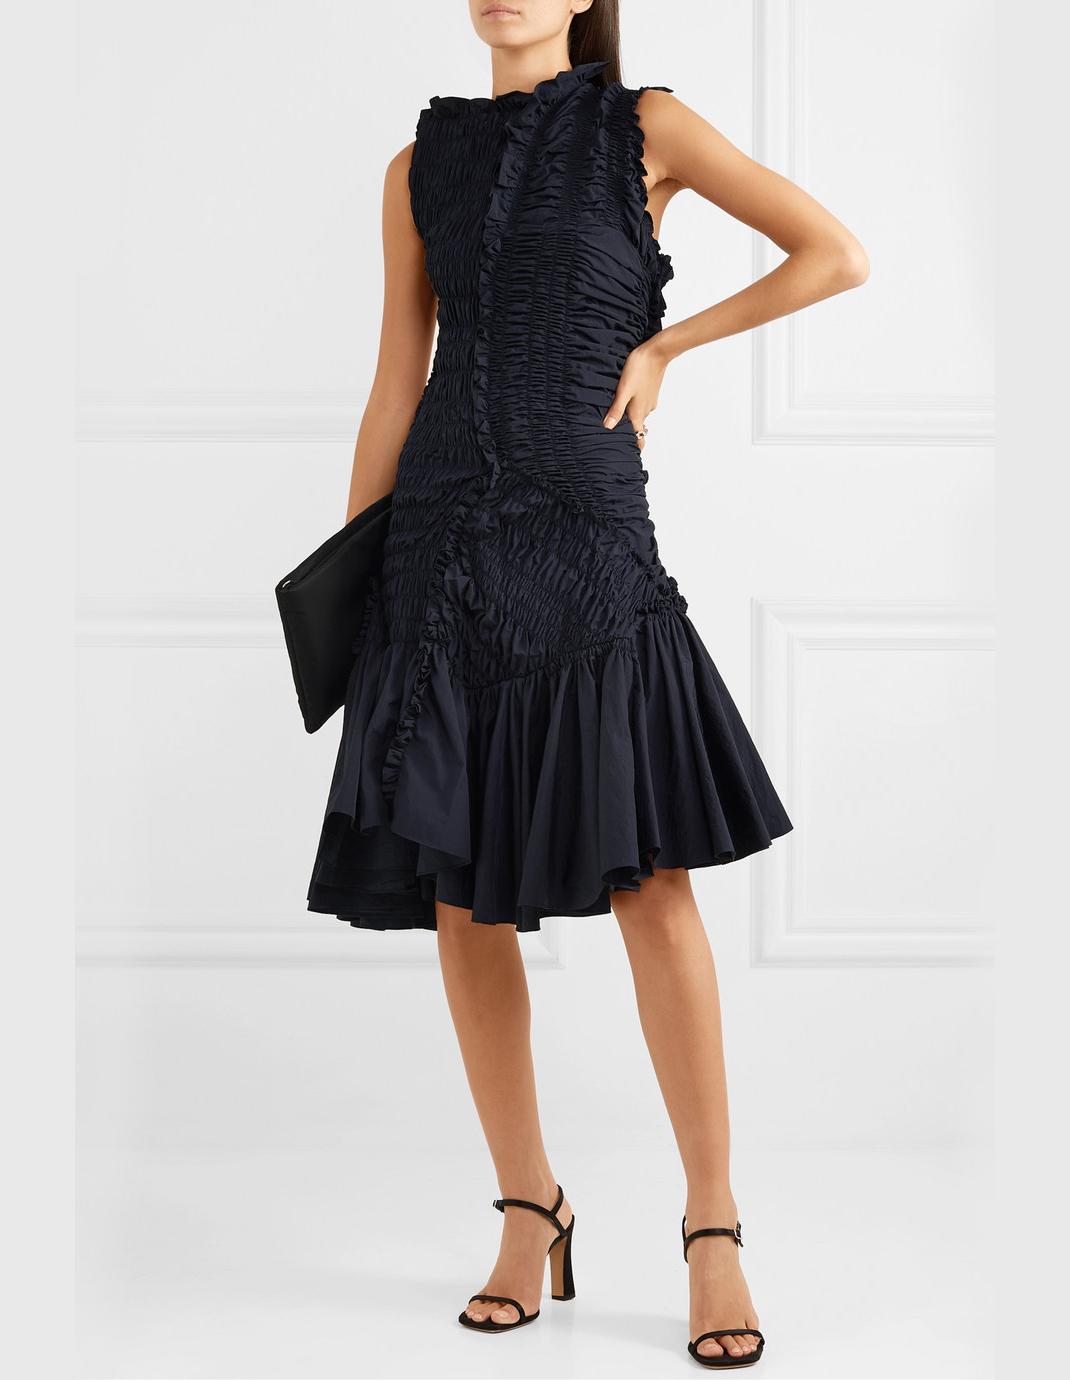 γυναίκα ποζάρει με φόρεμα με σφηκοφωλιά